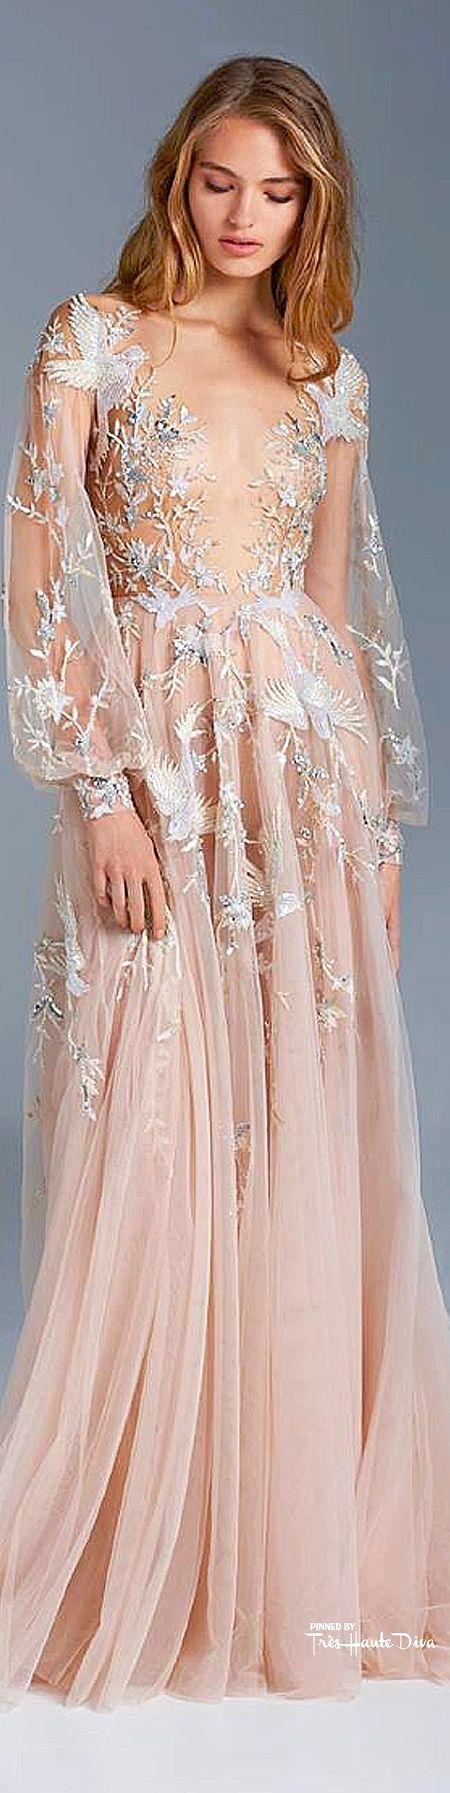 Pin de Sonali en Gowns | Pinterest | Boda, Ropa y Vestiditos